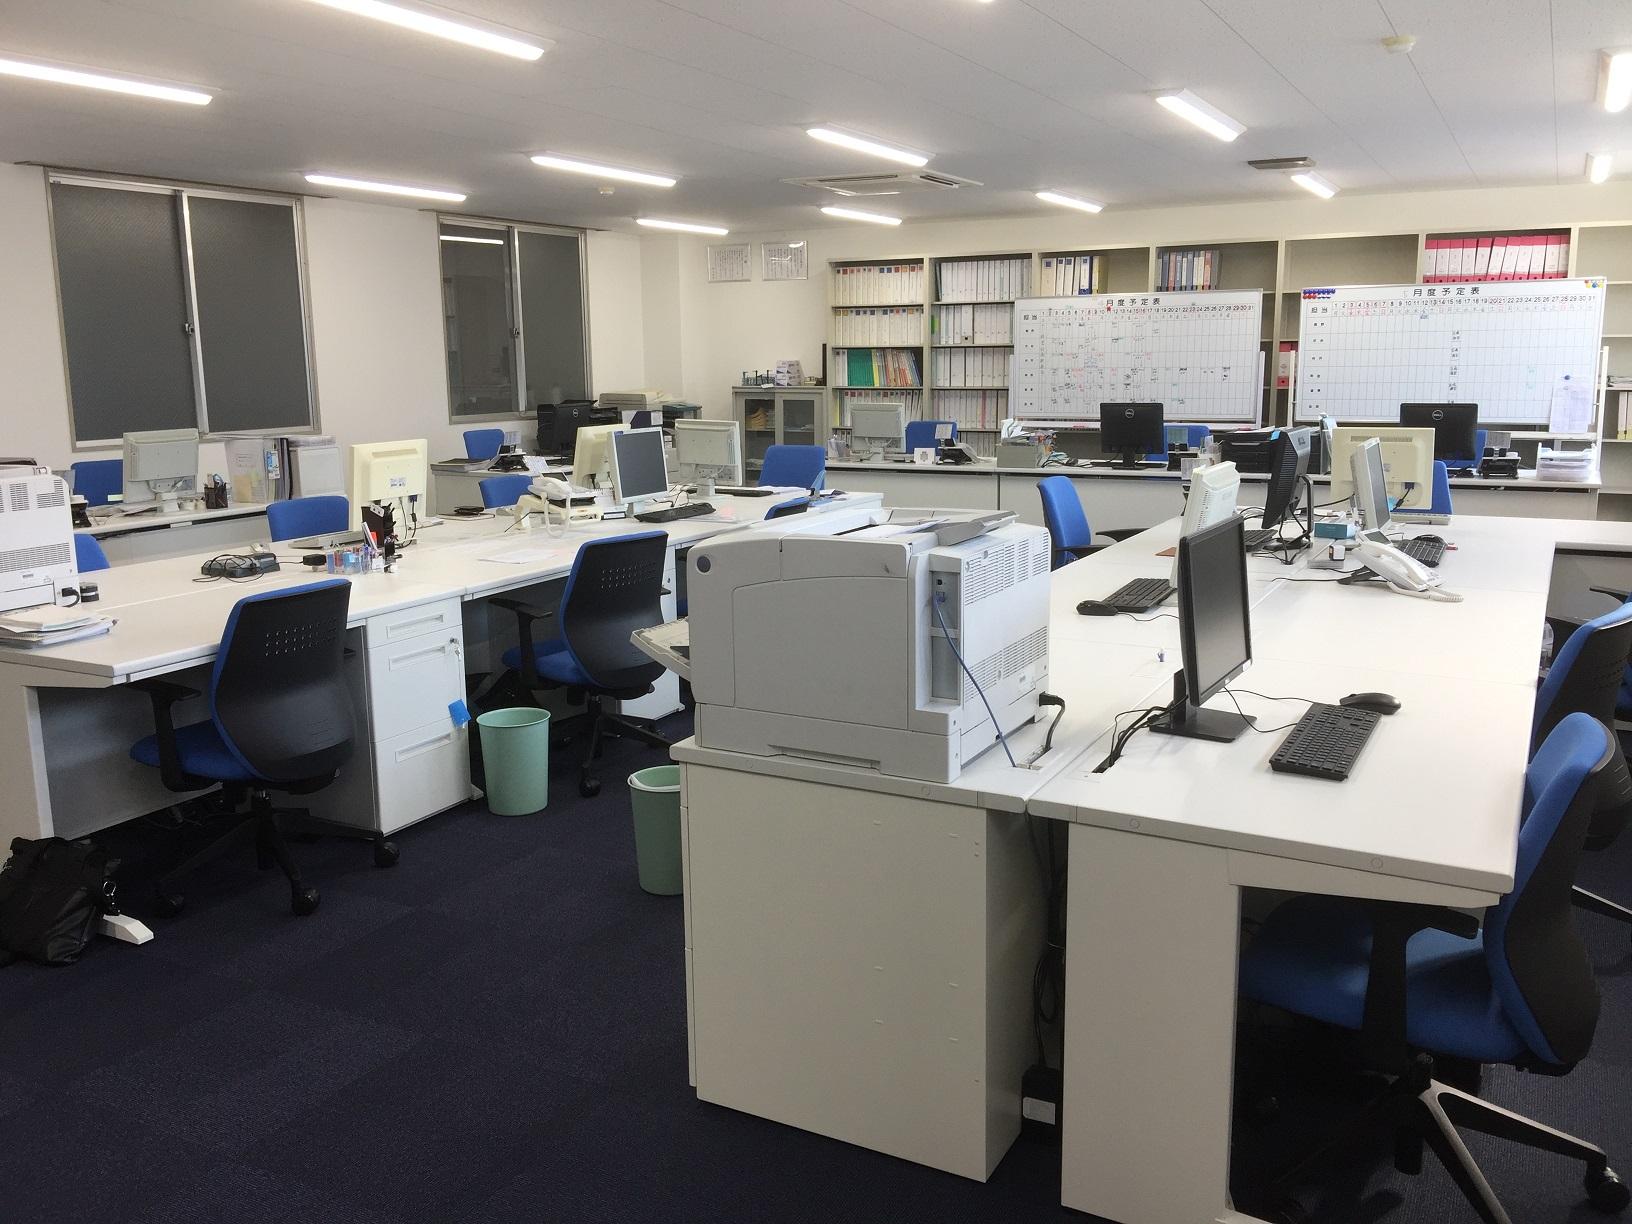 クラタコーポレーションのサービス受付センター開設1